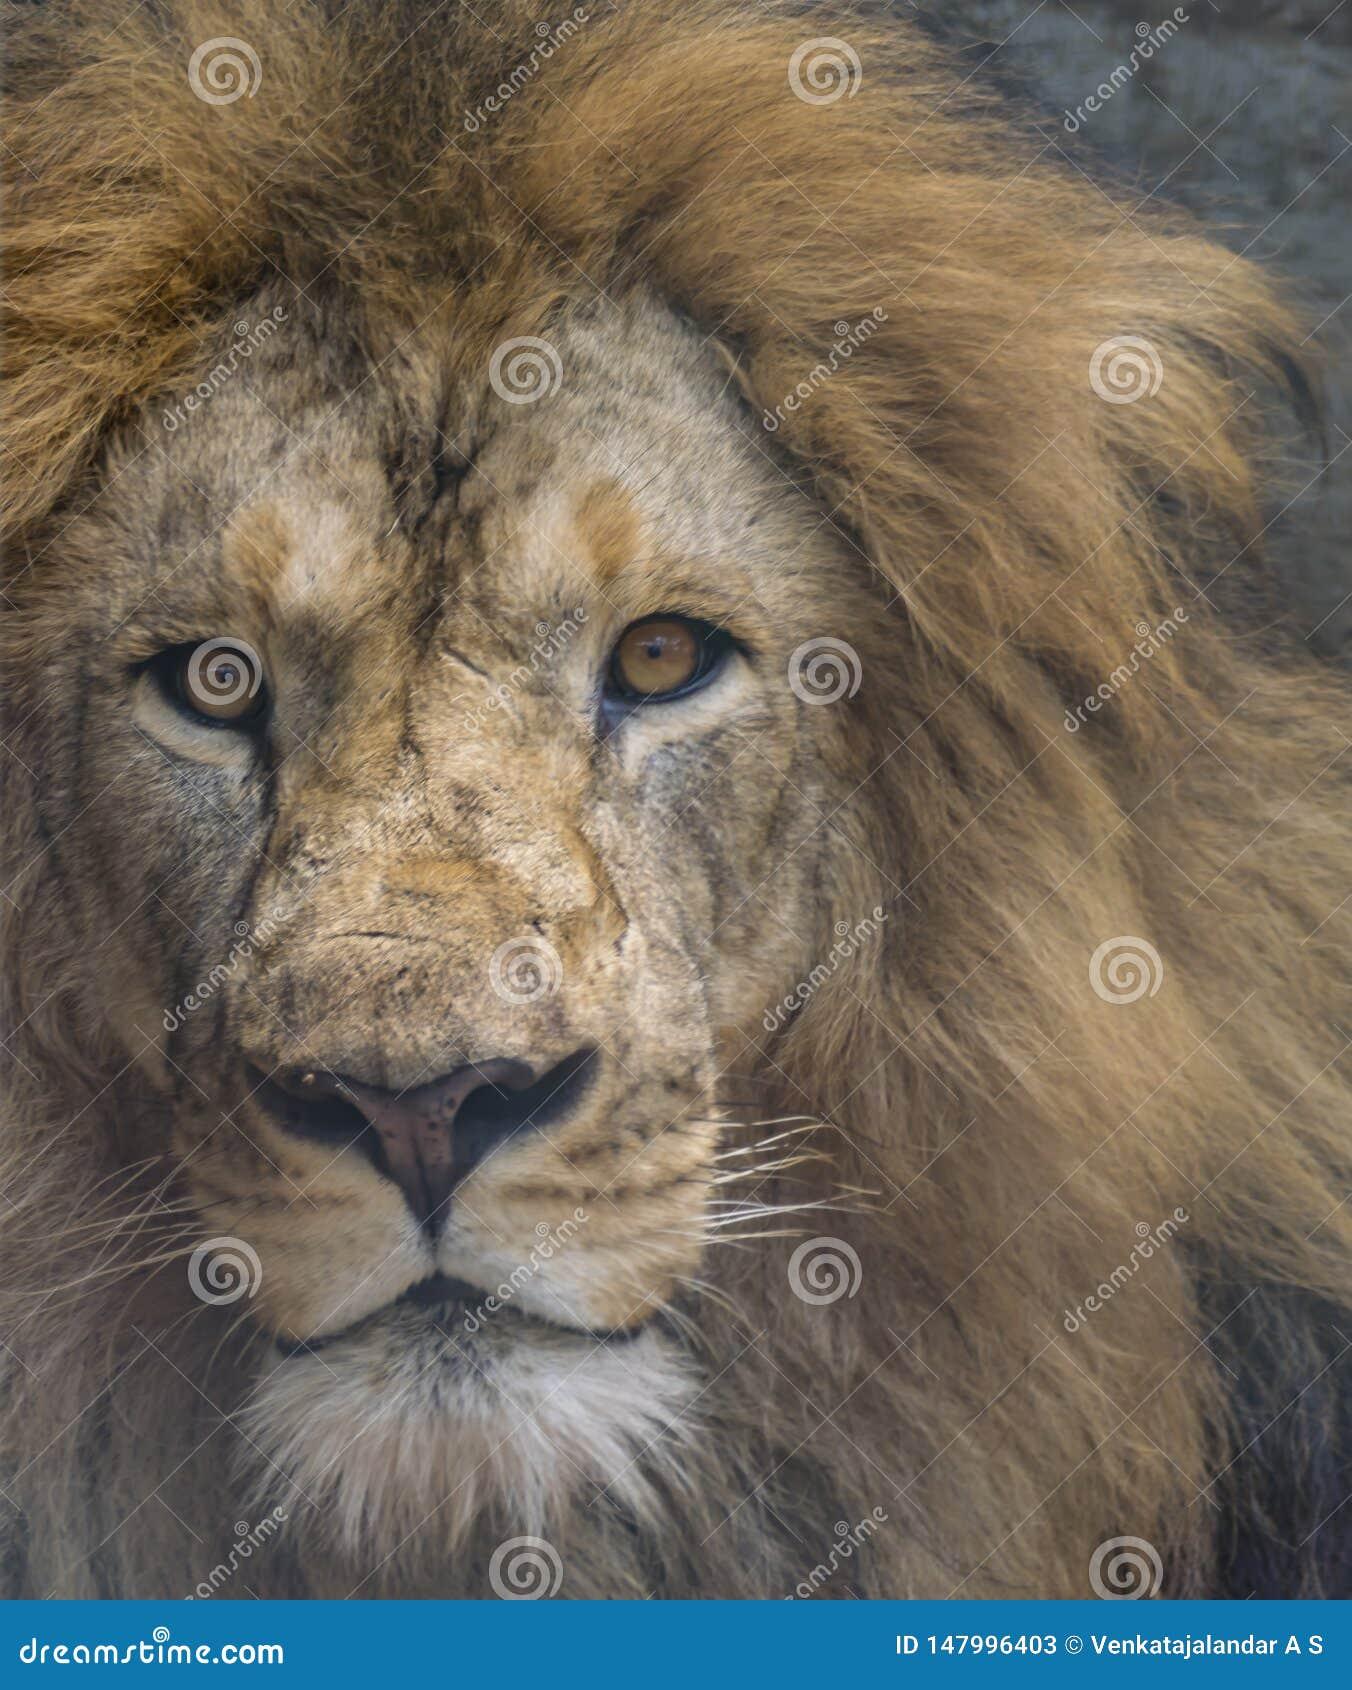 Nahaufnahme eines verärgerten männlichen Löwes - intensive Augen